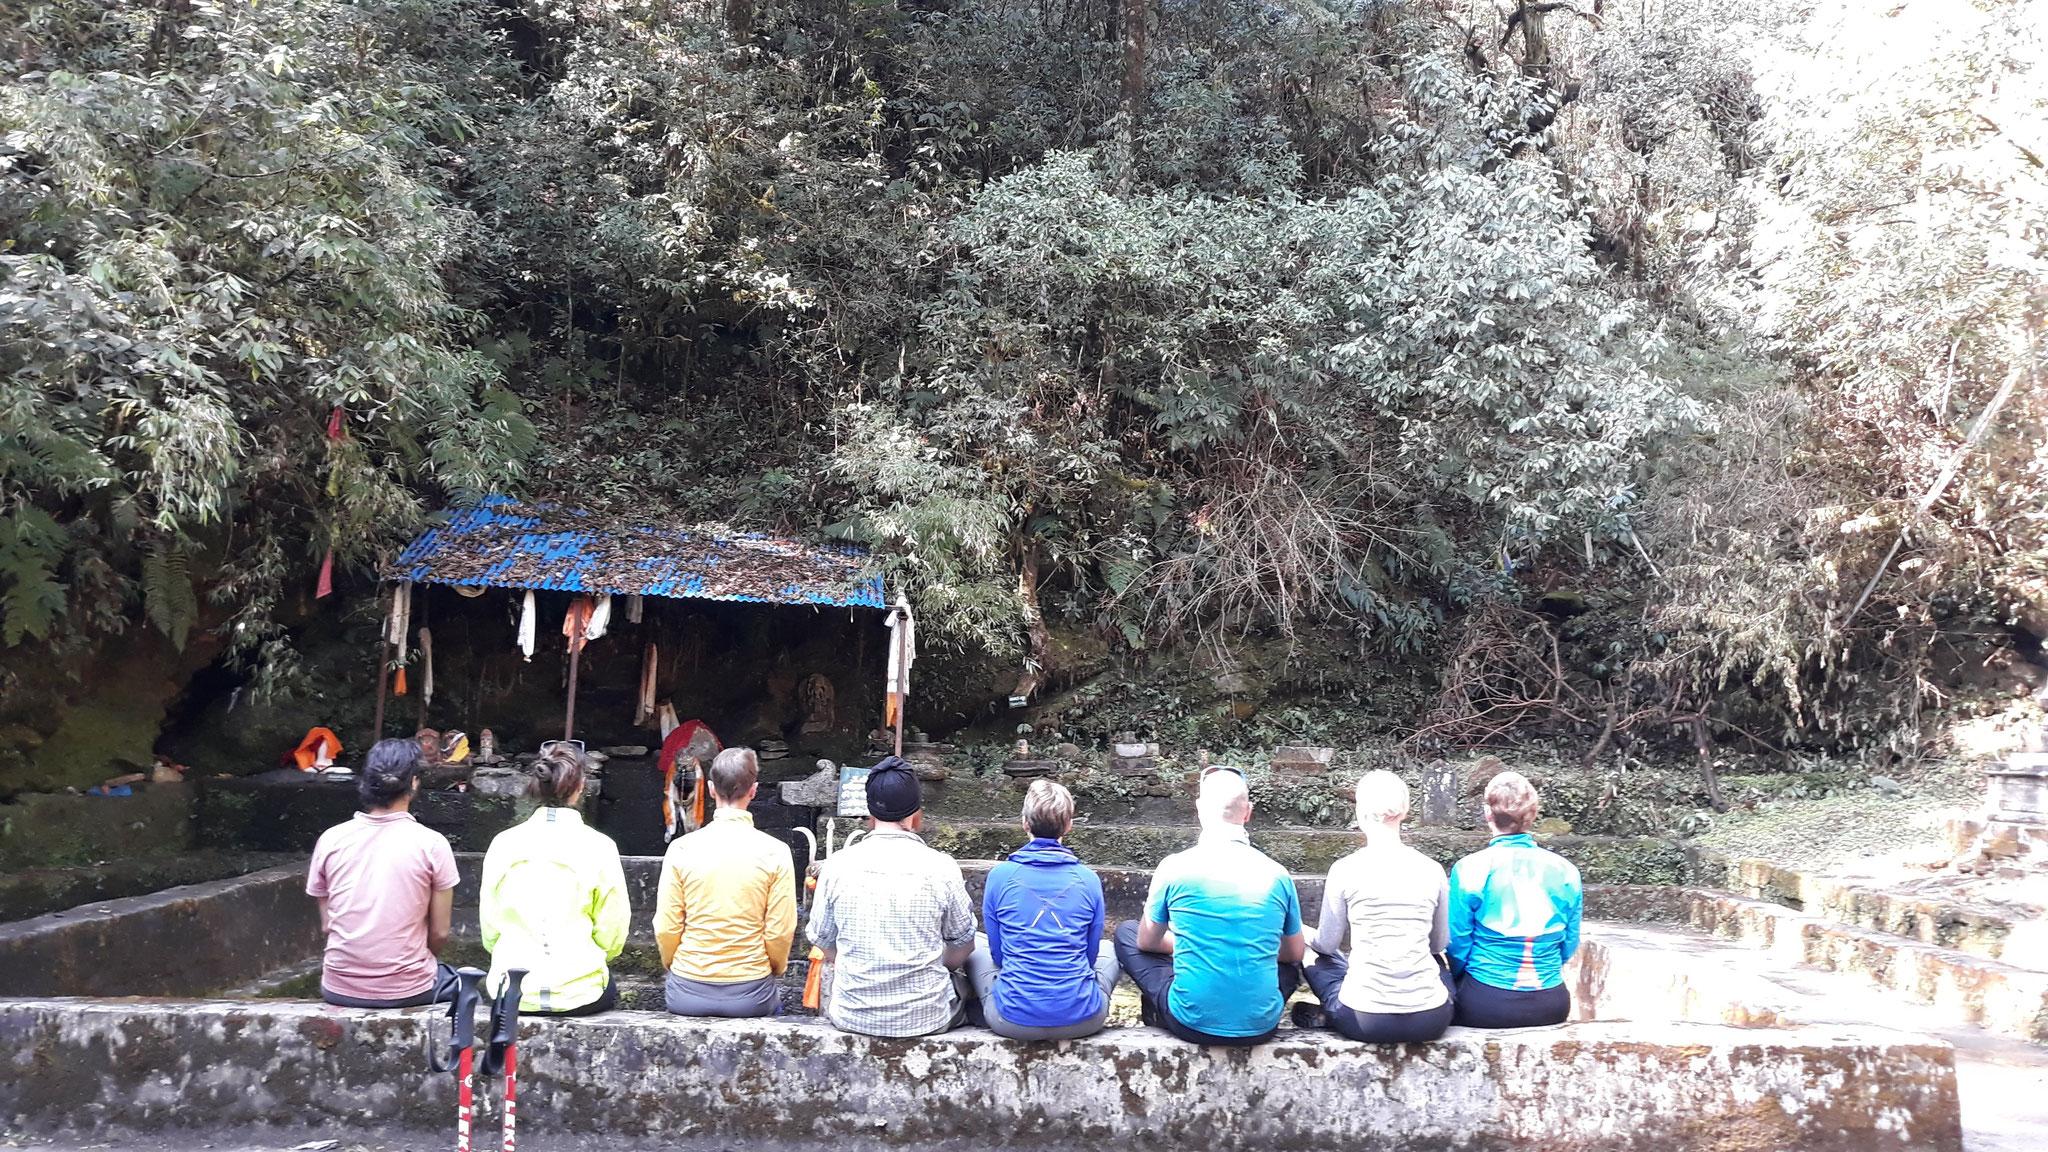 Meditation im Dschungel an heiligen Plätzen